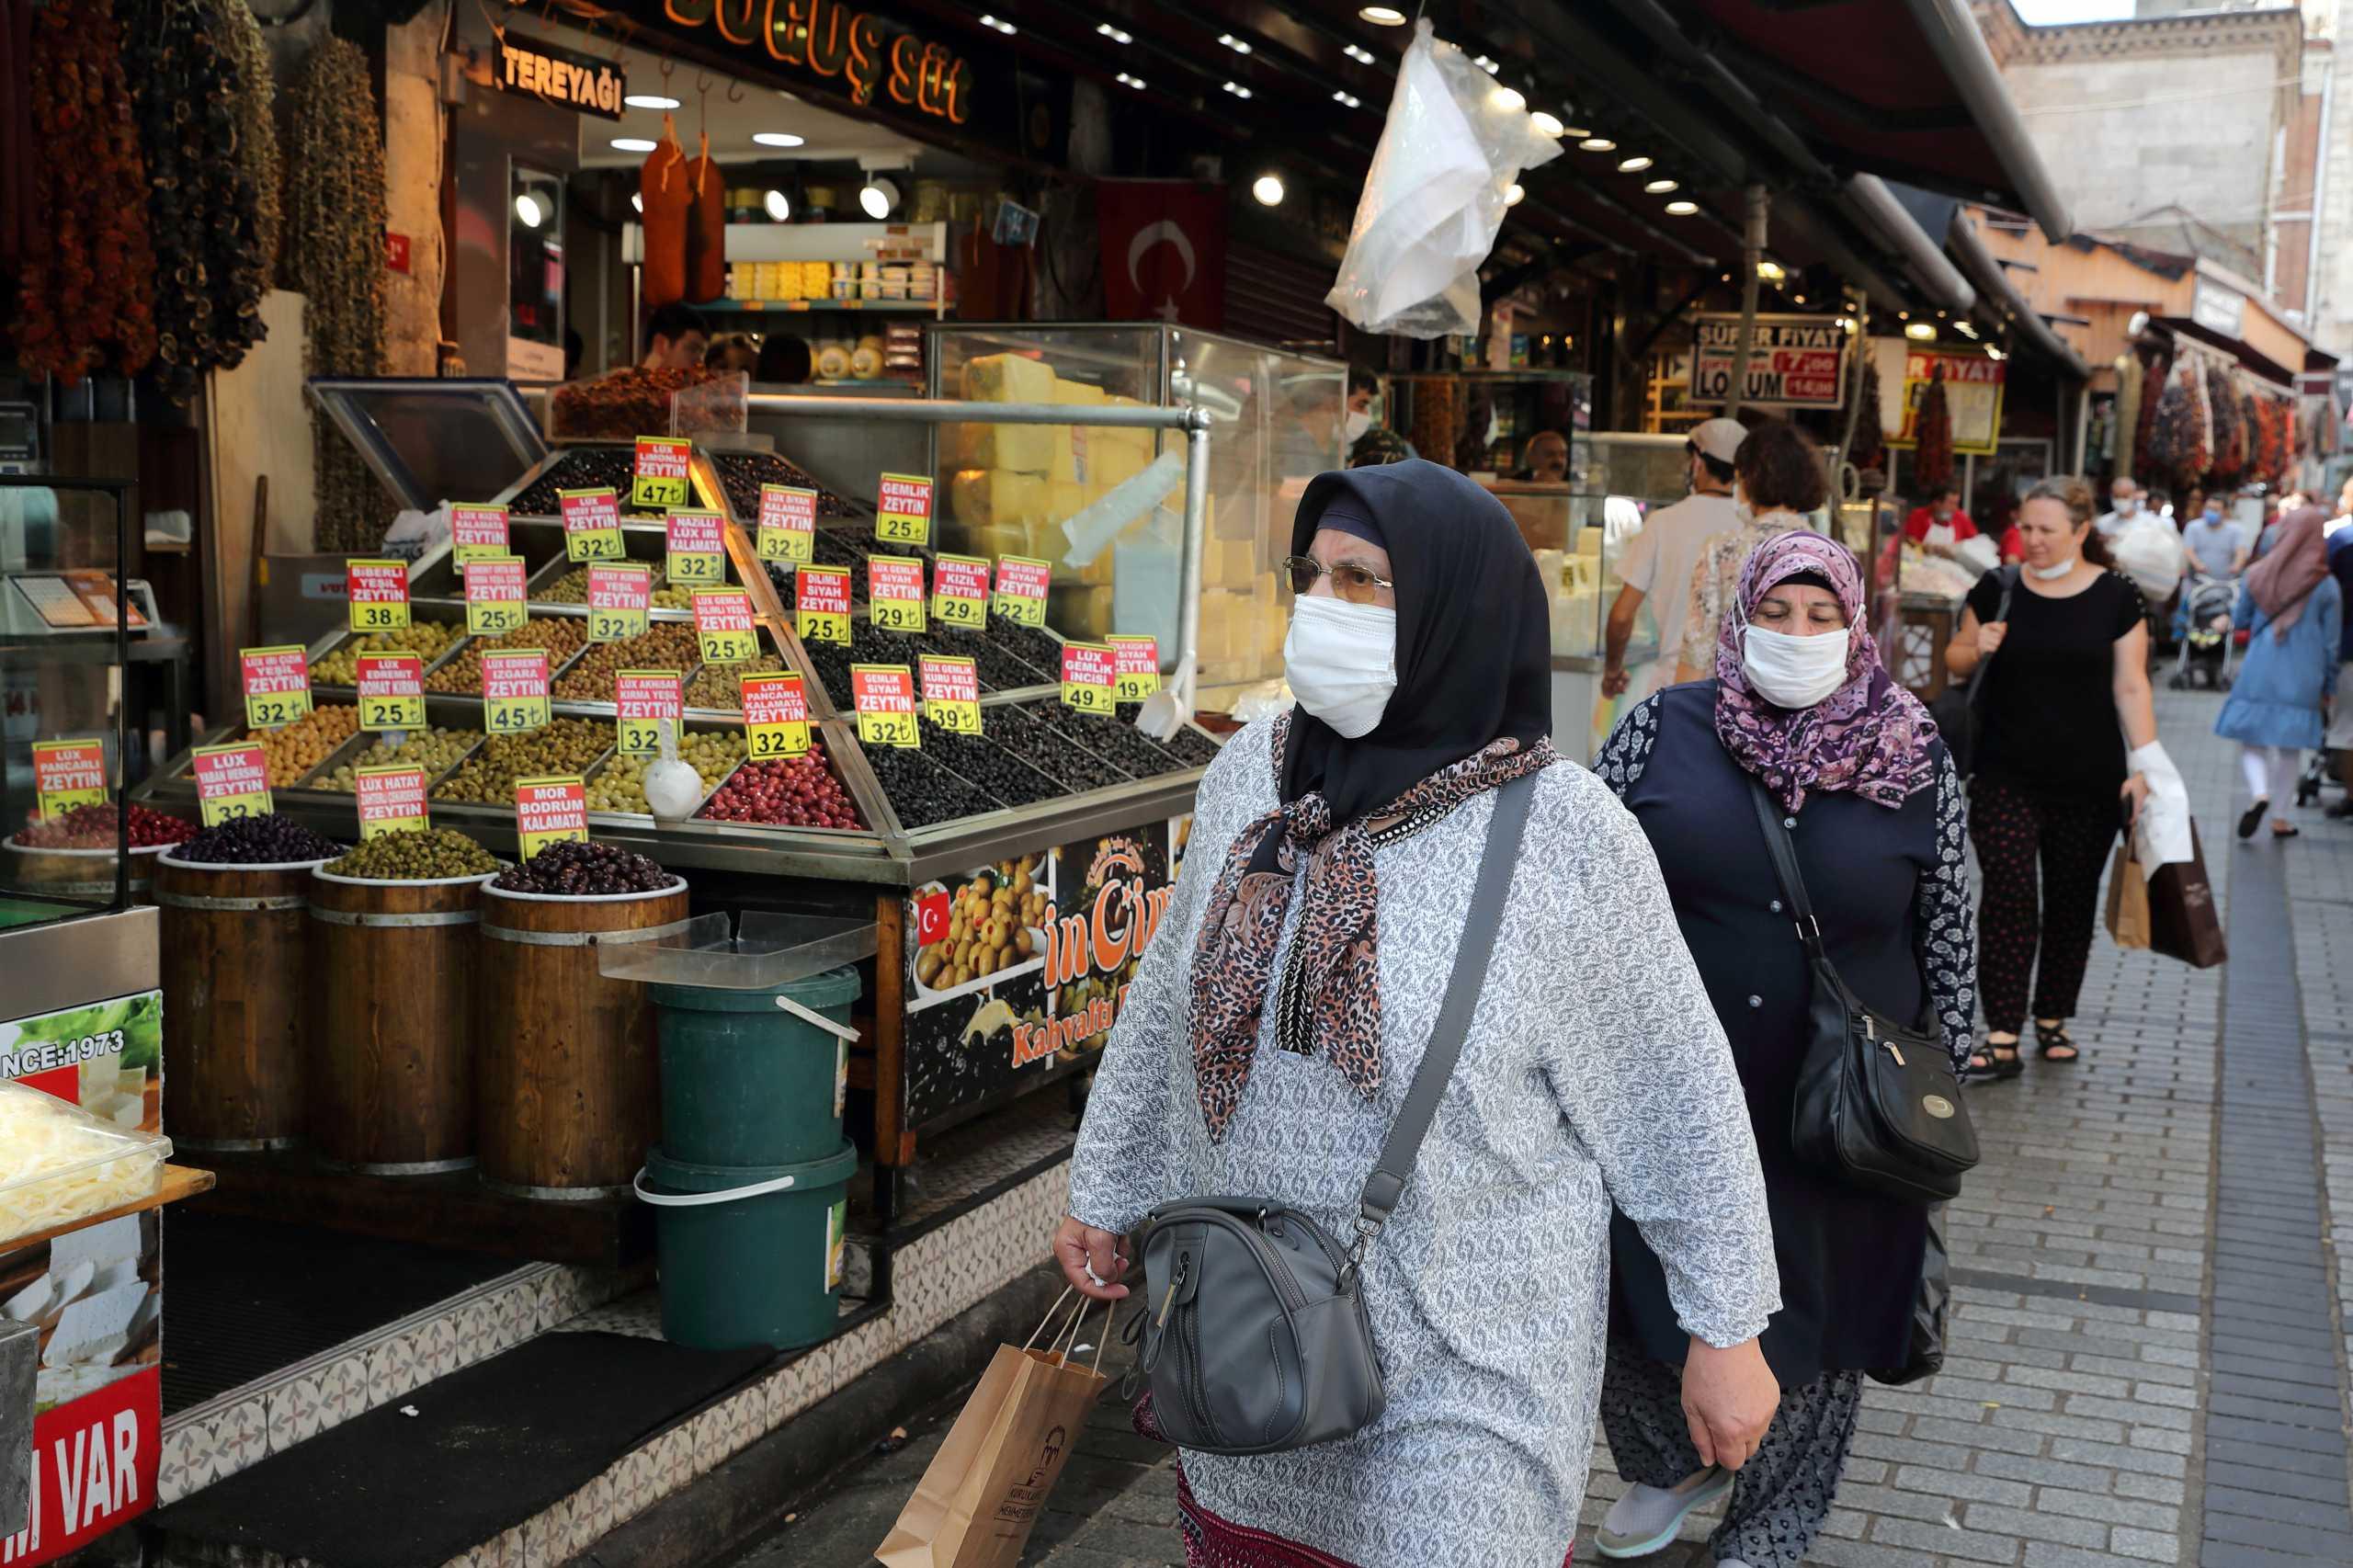 Τουρκία: Αύξηση των ημερήσιων κρουσμάτων κορονοϊού κατά 30% σε μια εβδομάδα